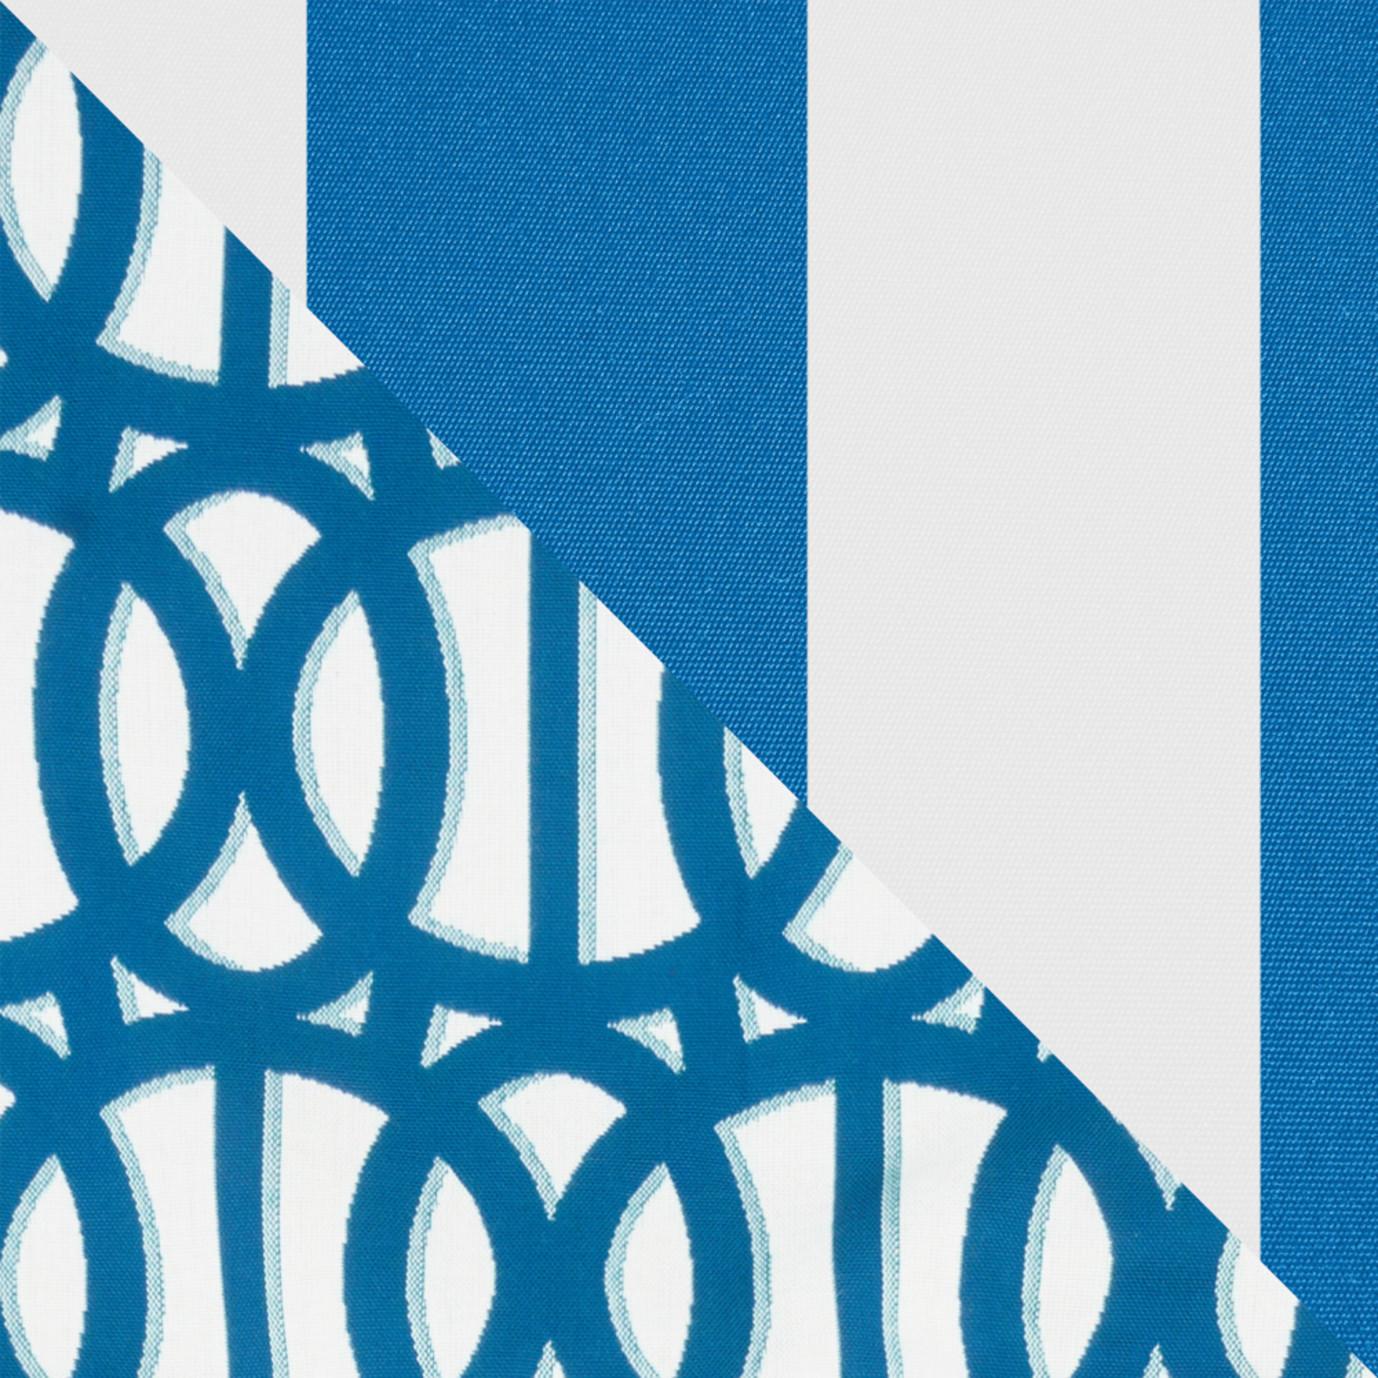 Cannes™ Motion Club Chairs - Regatta Blue